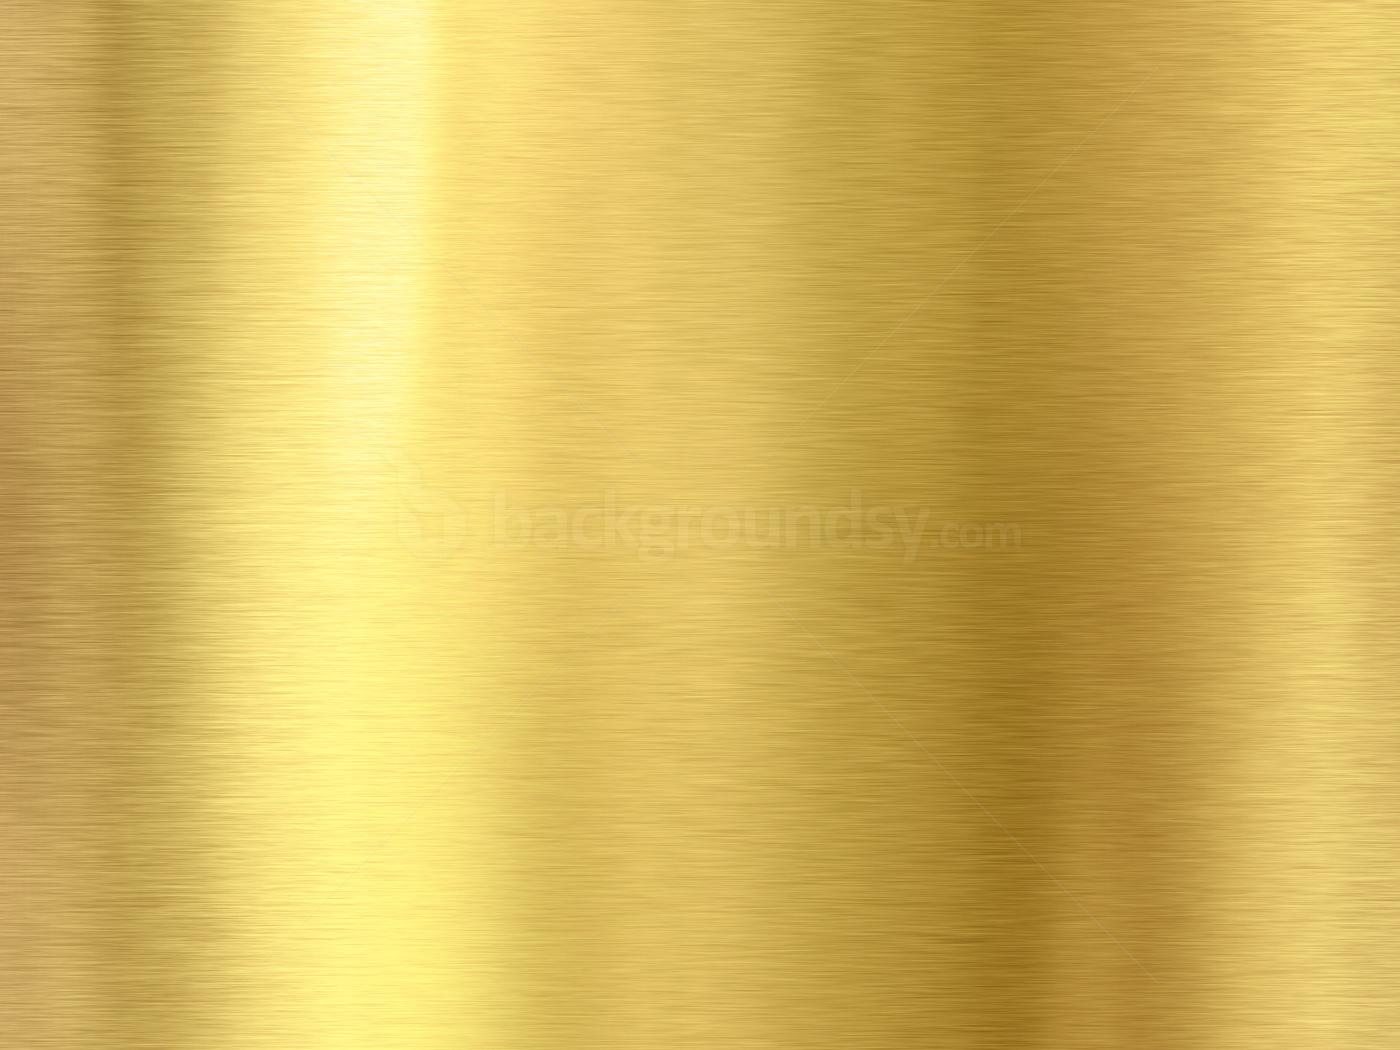 Metallic Desktop Wallpaper